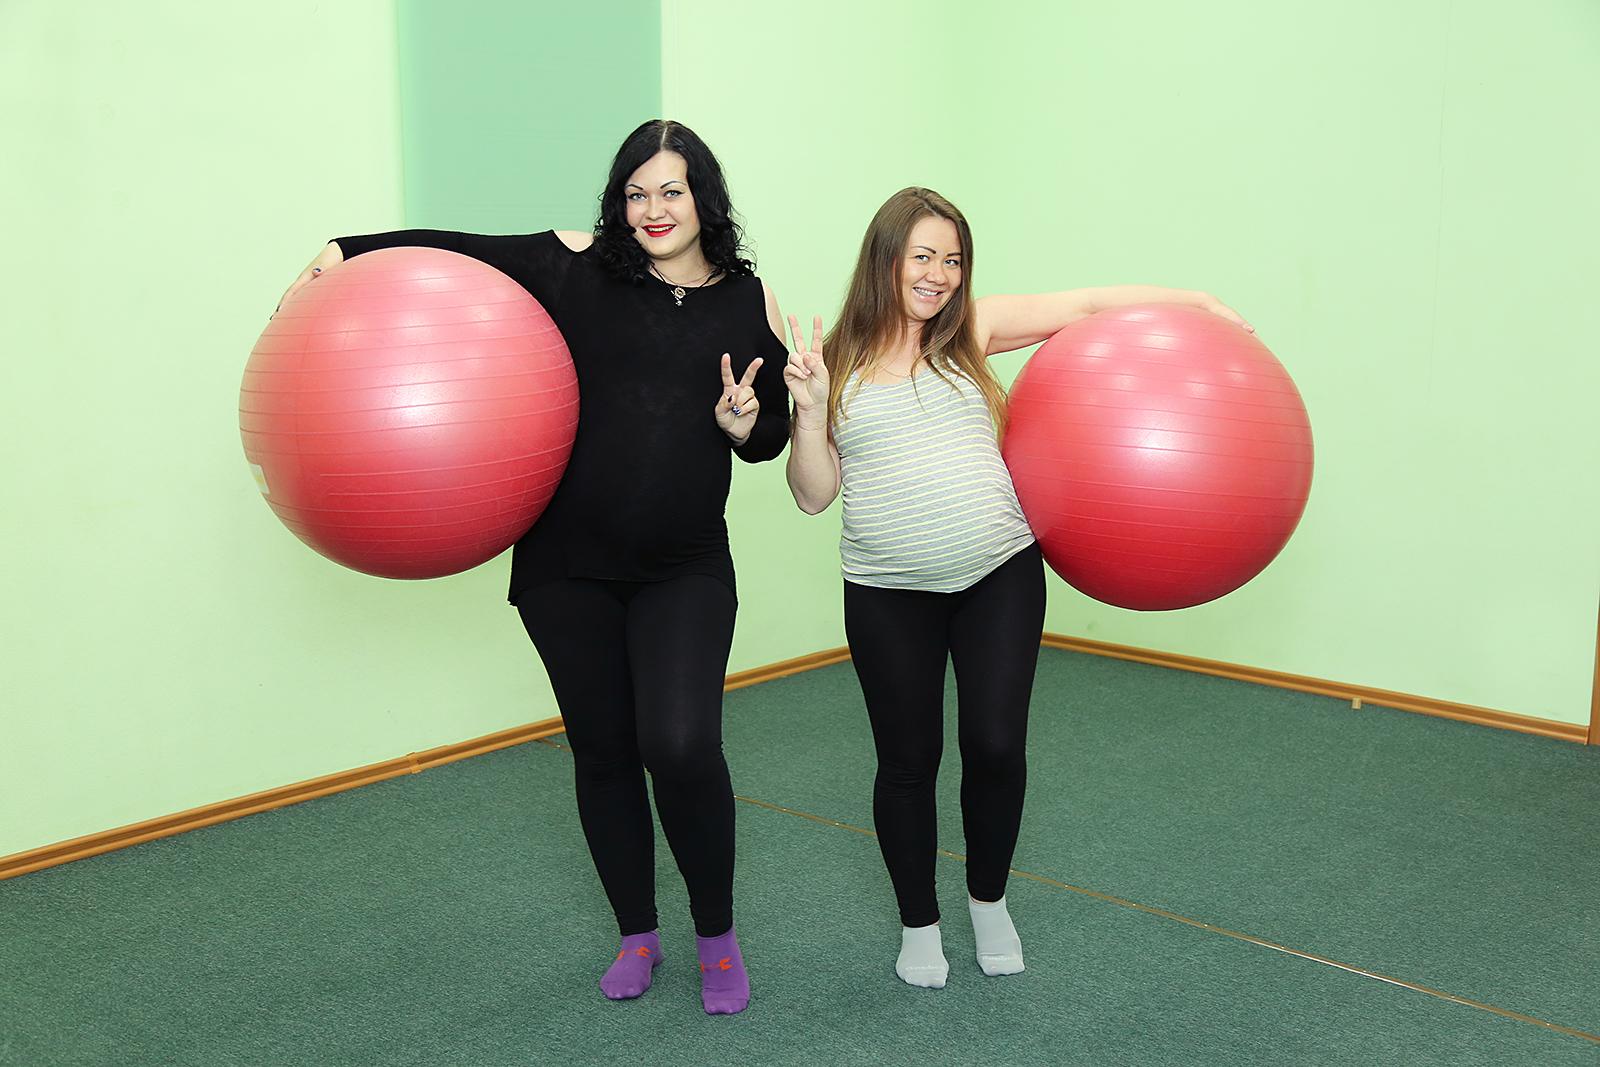 4 сентября. Вечерняя группа гимнастики для беременных.